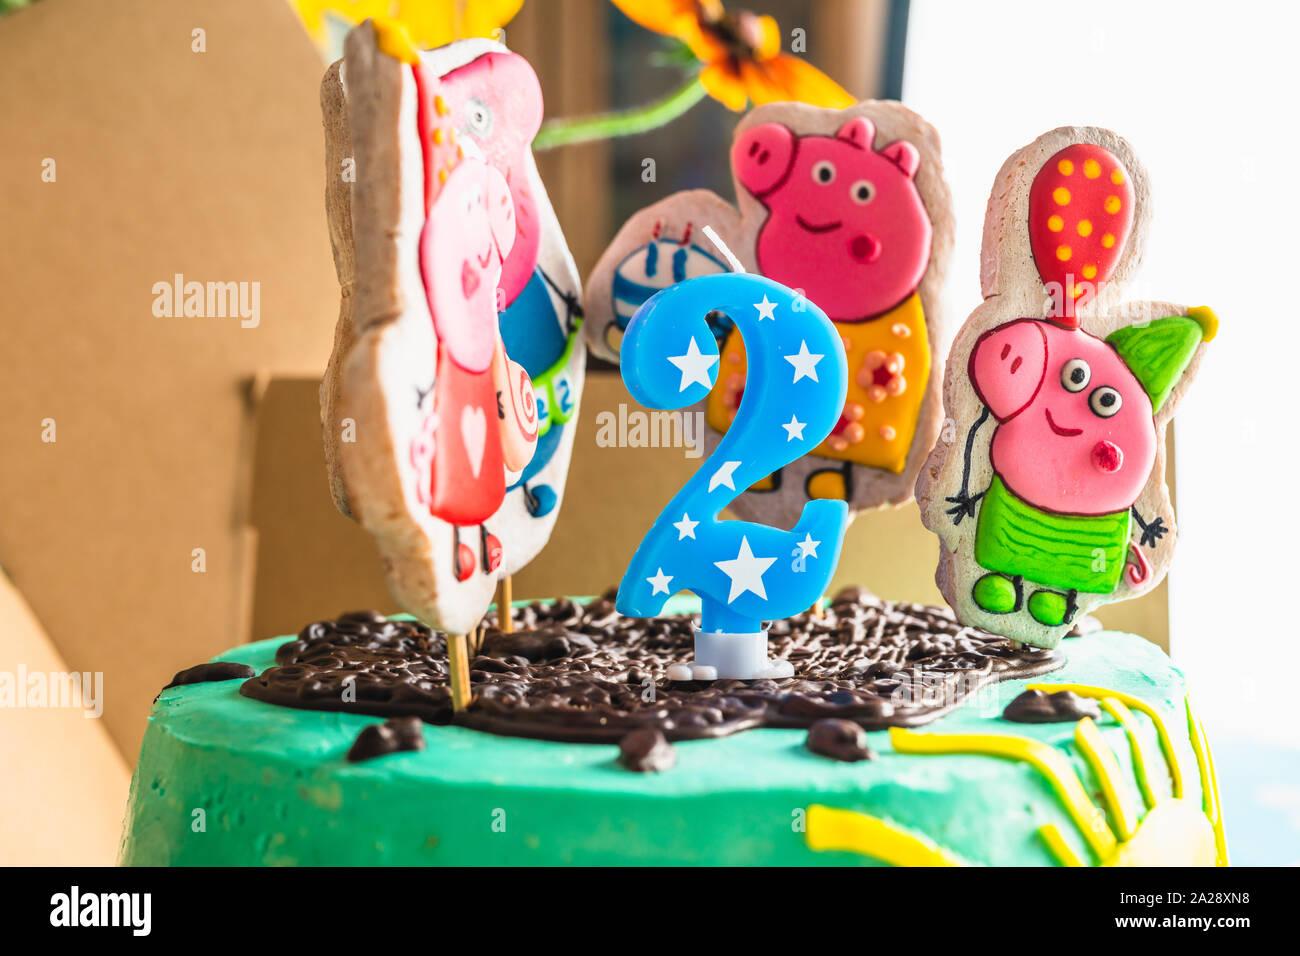 Strange Peppa Pig Birthday Cake Happy 2 Years Birthday Cake Close Up Funny Birthday Cards Online Necthendildamsfinfo